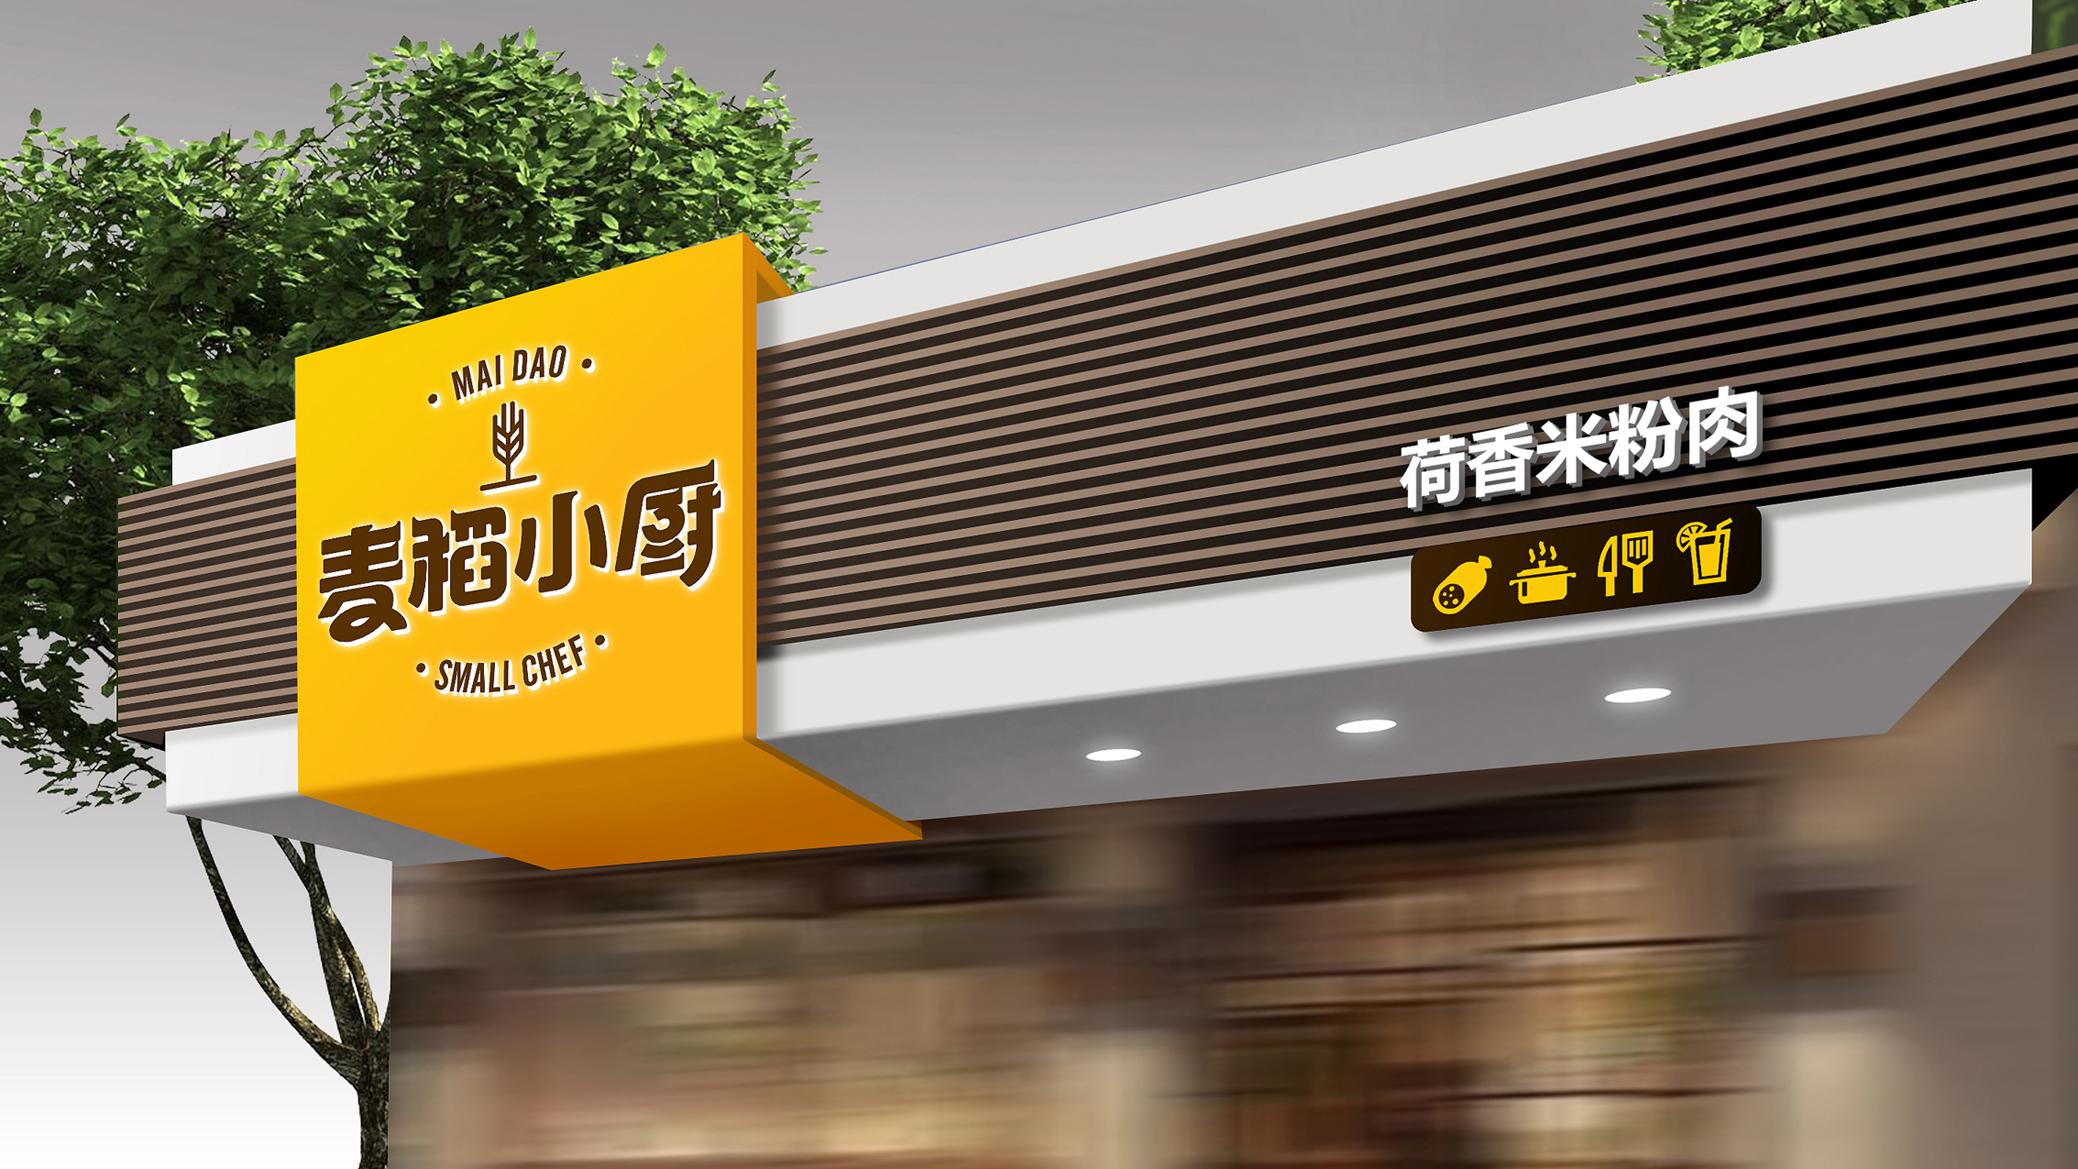 企业VI设计定制设计公司vi设计系统餐饮VIS升级设计 上海